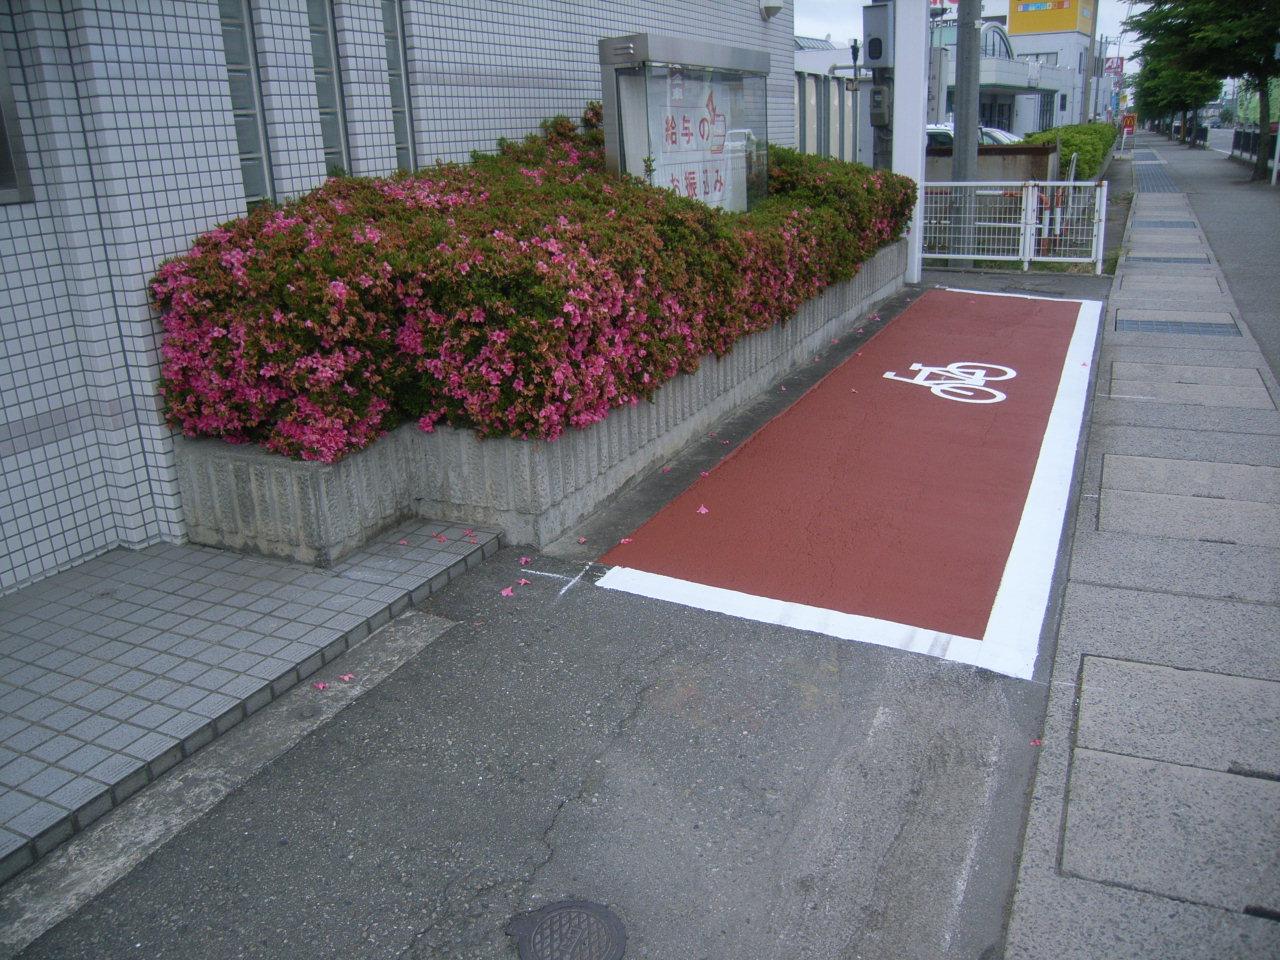 薄層カラー舗装(滑り止め)・路面カラー化 施工事例4